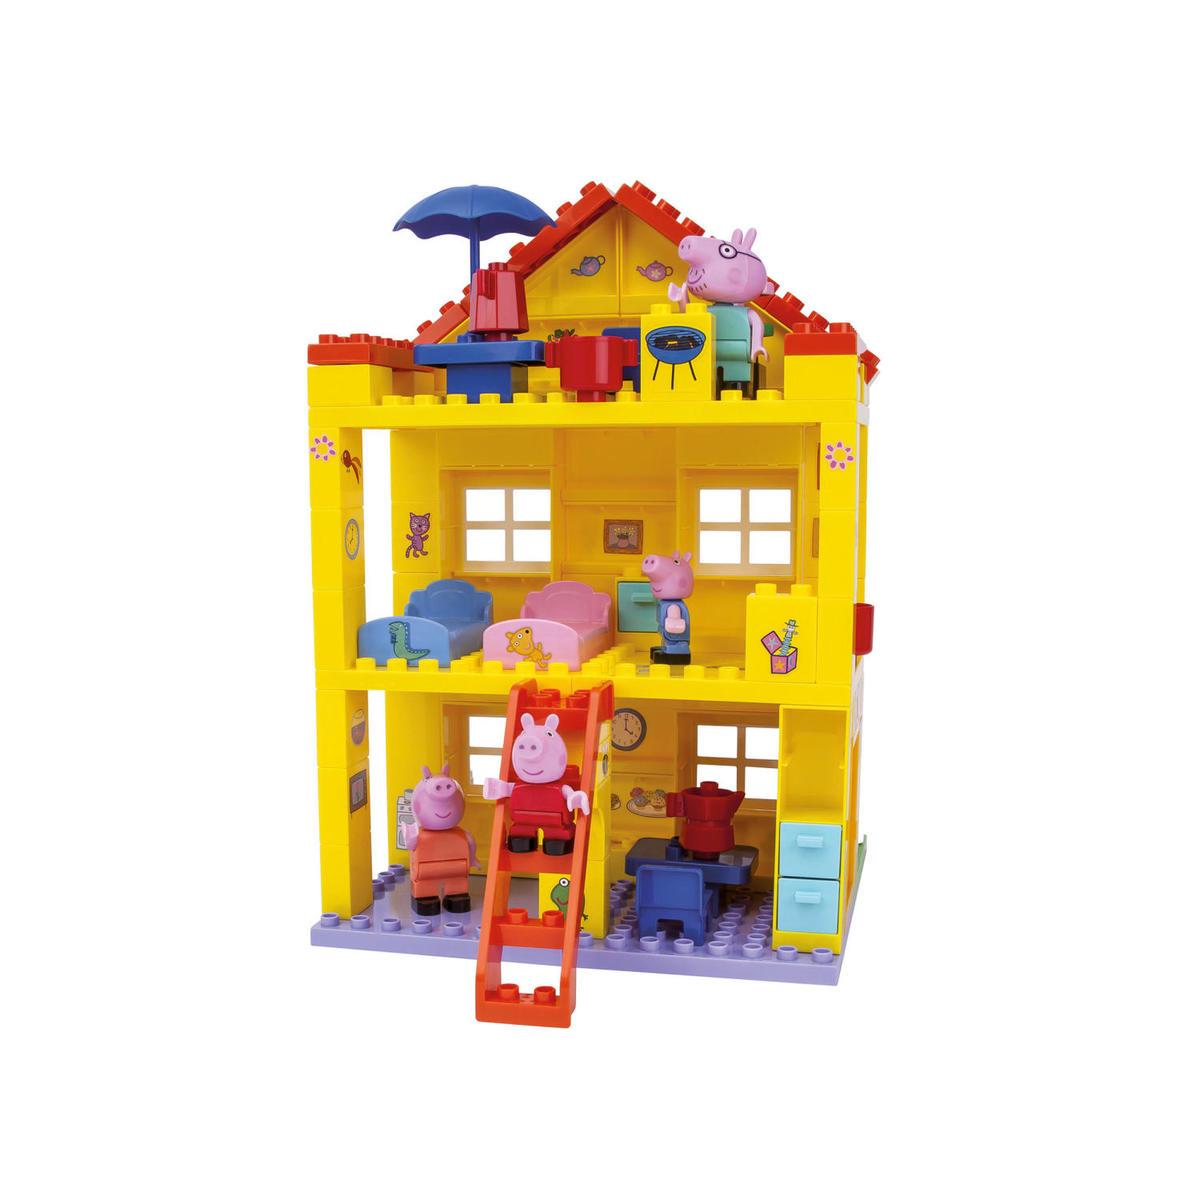 Bild 1 von BIG PlayBIG Bloxx Peppa Pig - Peppa´s Haus